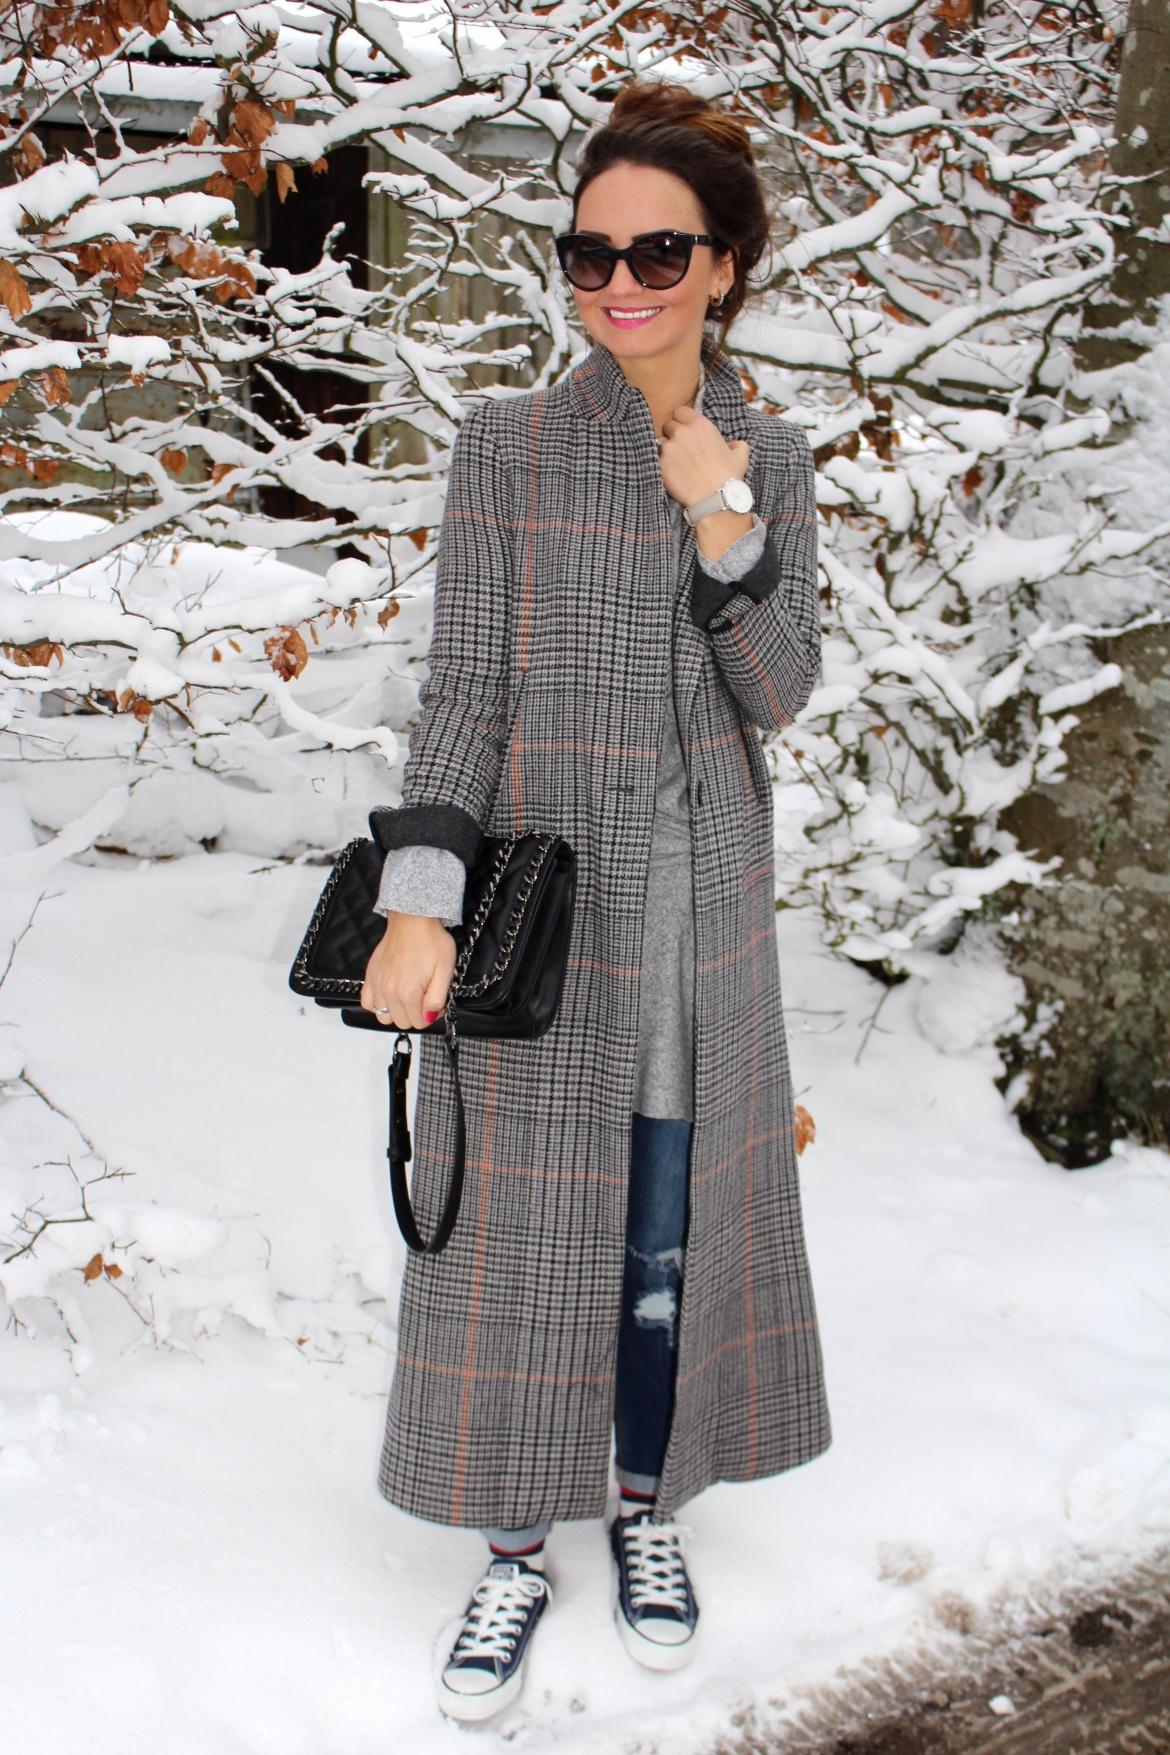 Fashioncircuz by Jenny img_9938-1170x1755 SCHNEESPAZIERGANG